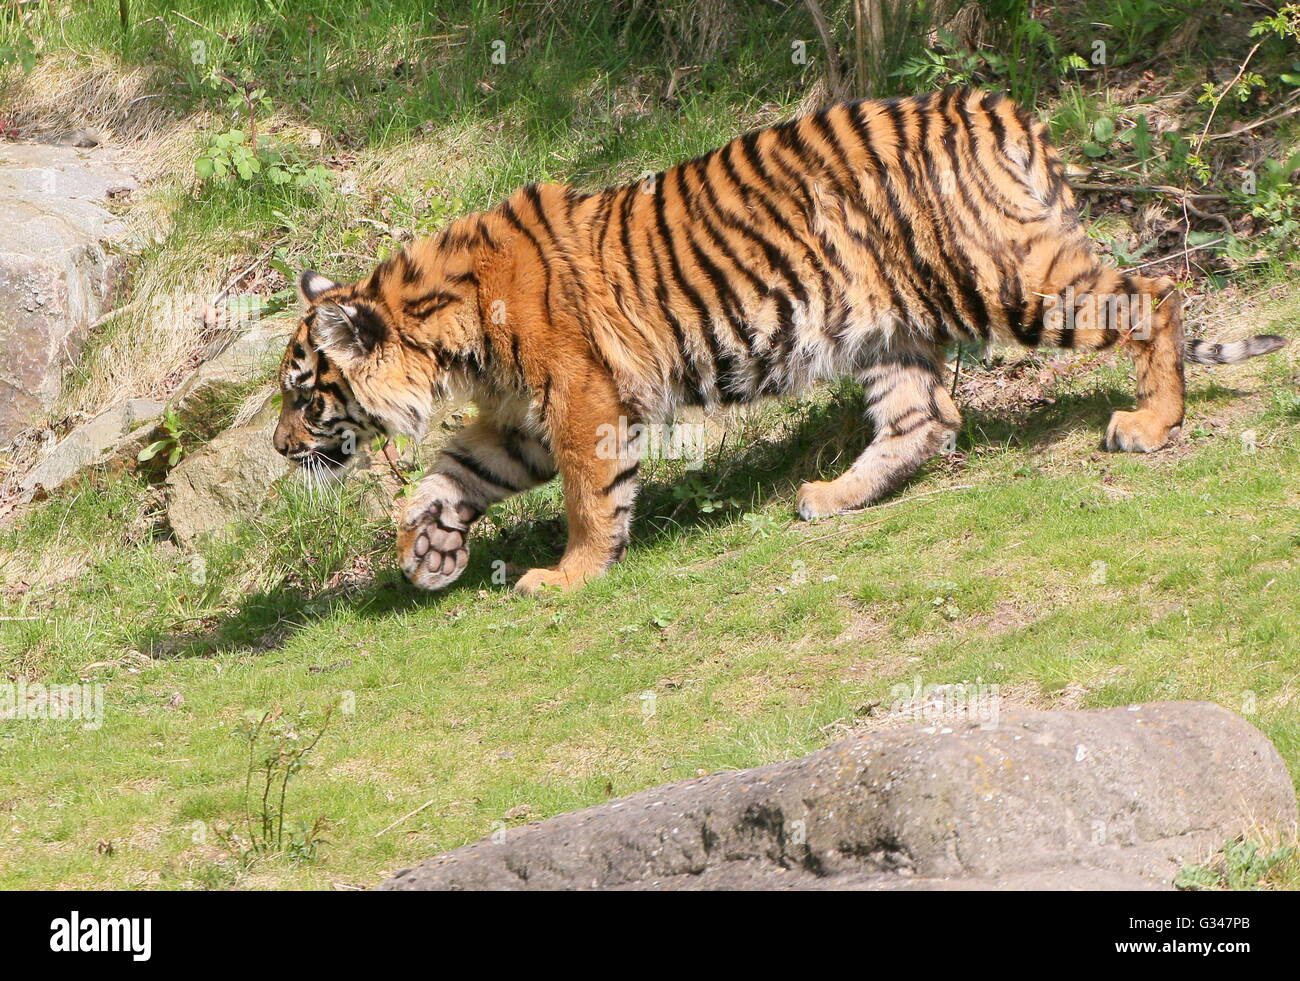 Juvenile female Sumatran tiger (Panthera tigris sumatrae) on the prowl - Stock Image